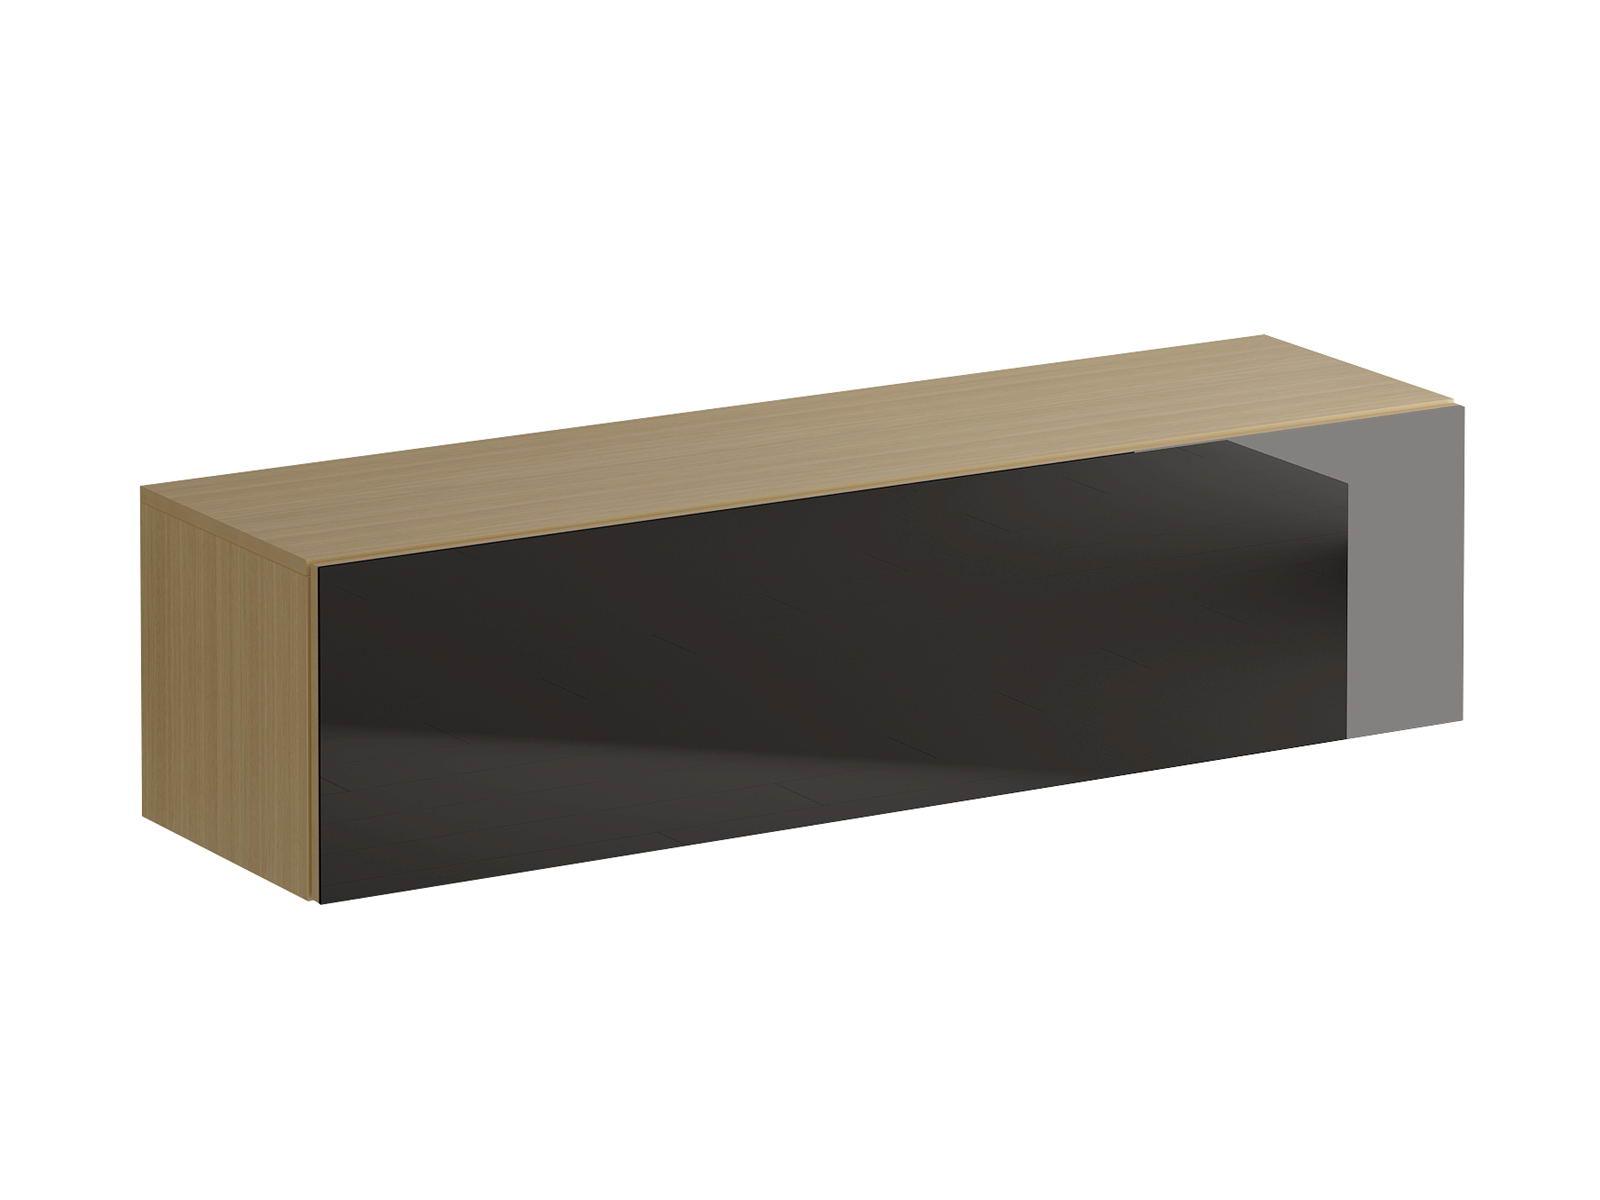 Шкаф навесной GustoШкафы<br>Шкаф имеет два отделения, образованные вертикальной перегородкой. Подъемная дверь открывается по принципу «нажал-открыл». Задняя стенка белого цвета.<br>